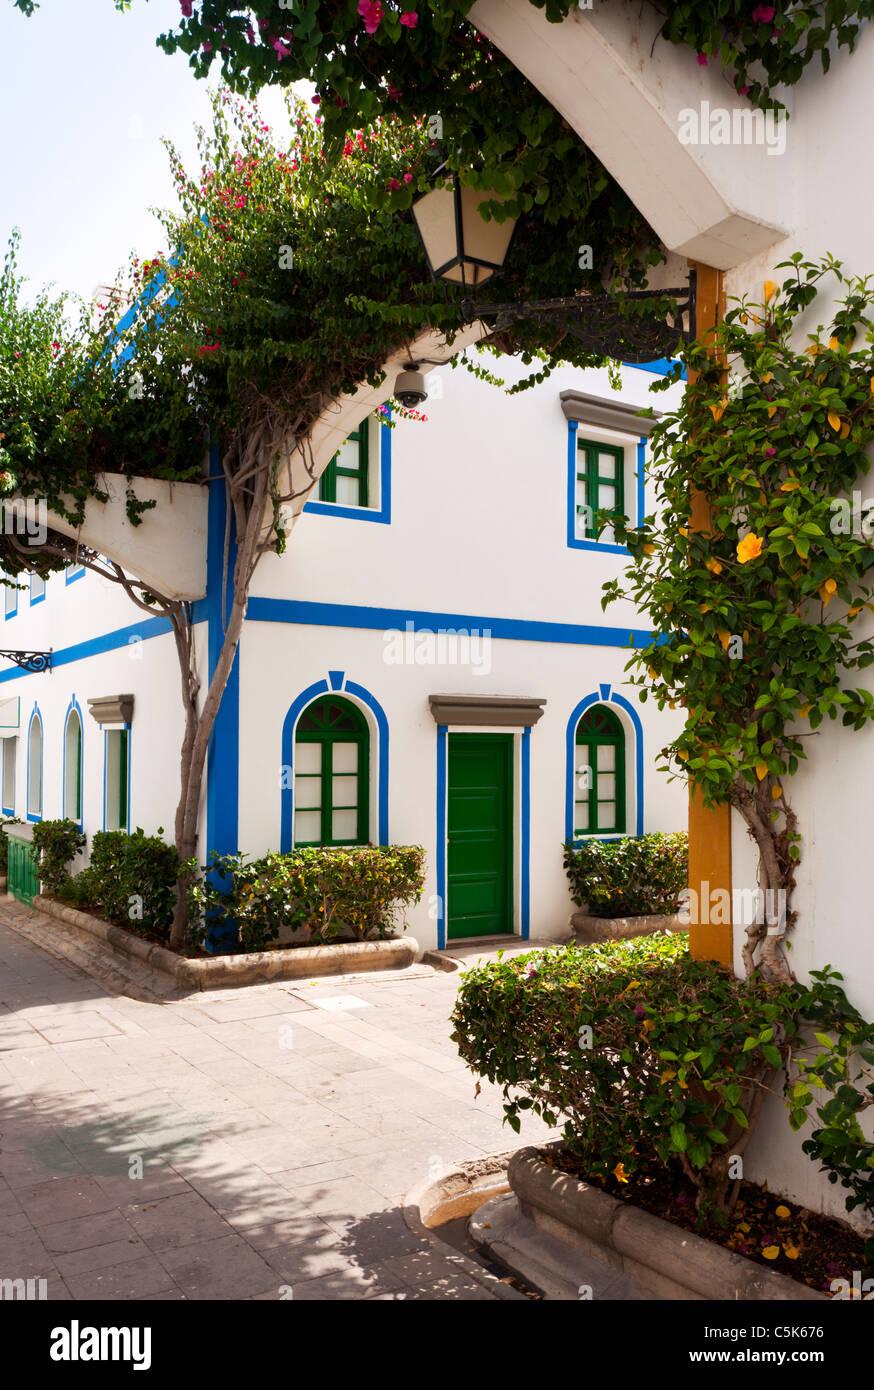 typische Straße Ecke am Puerto de Mogán, Gran Canaria mit bunten Häusern und bepflanzte Bögen Stockbild